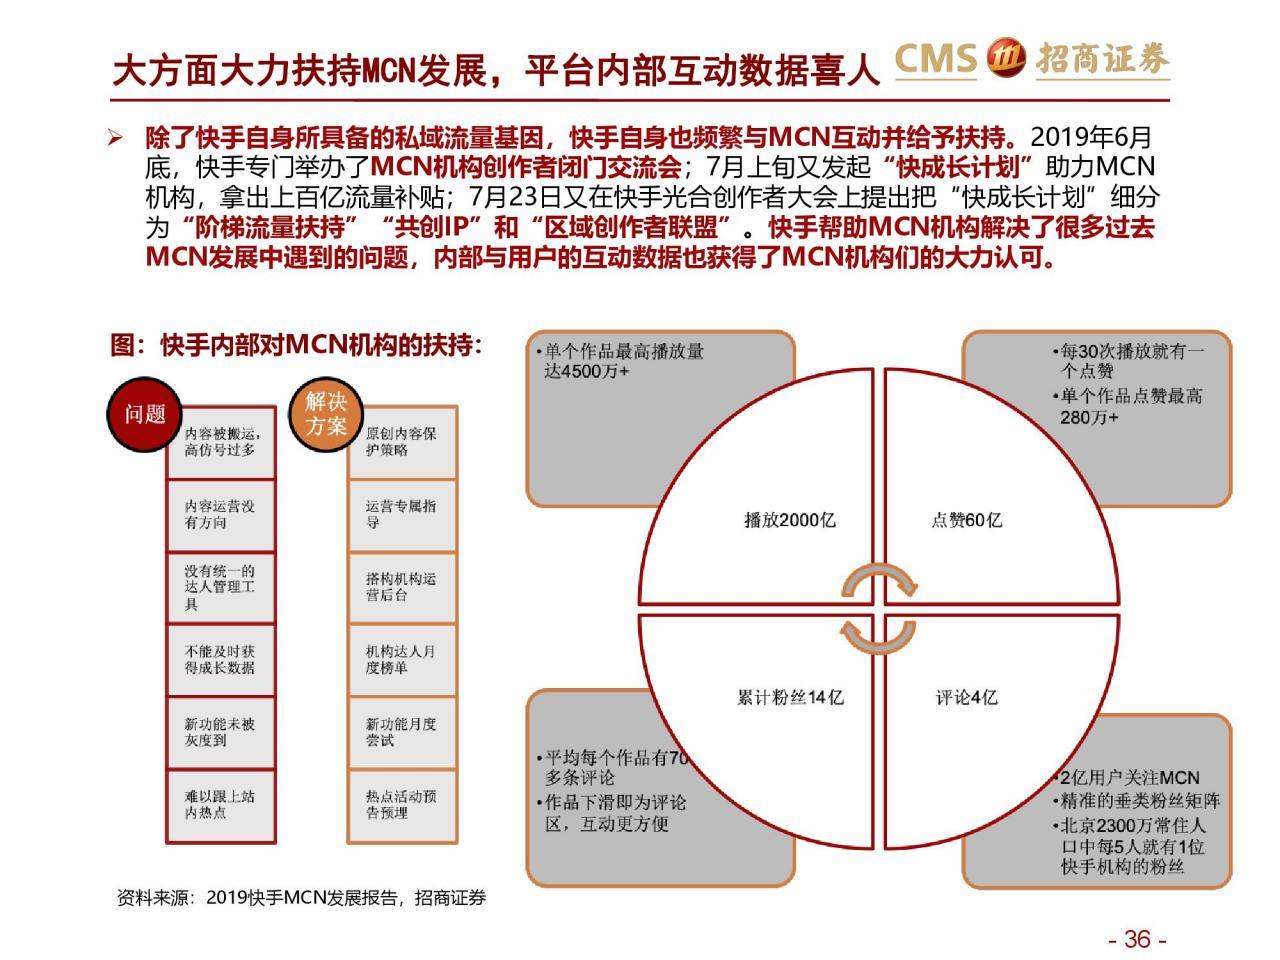 招商证券:新零售研究之直播电商报告–直播电商三国杀(附下载)